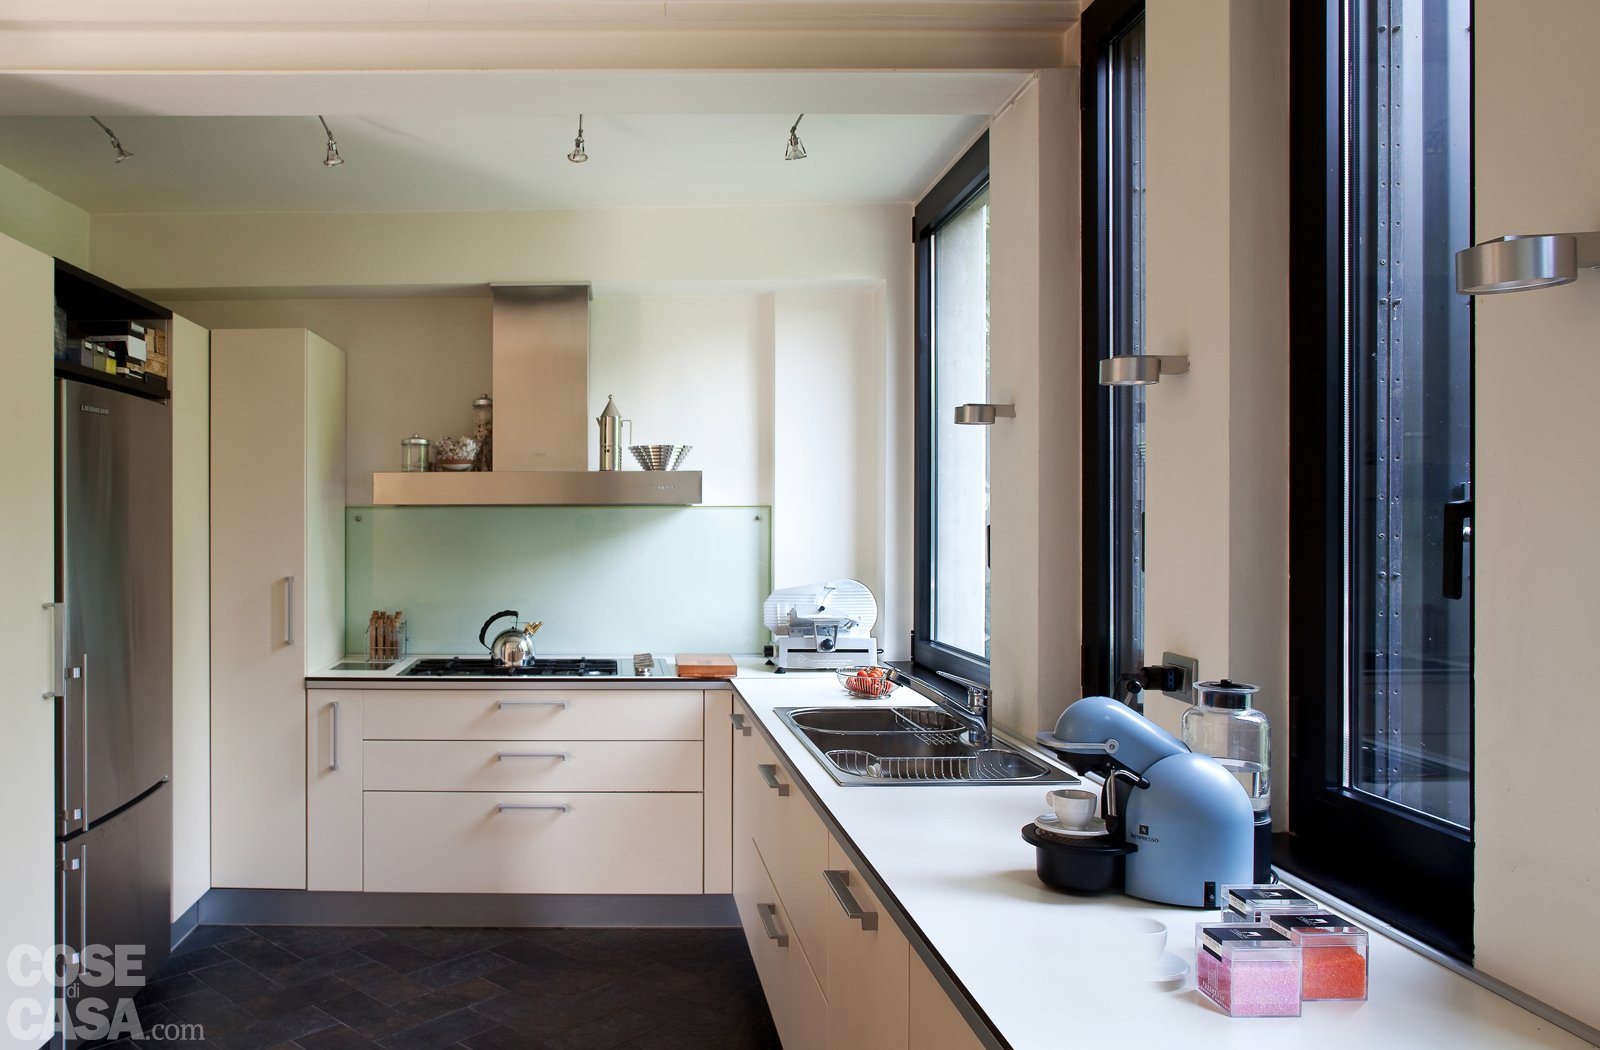 Una casa con soluzioni che moltiplicano la luce cose di casa - La casa con le finestre che ridono ...